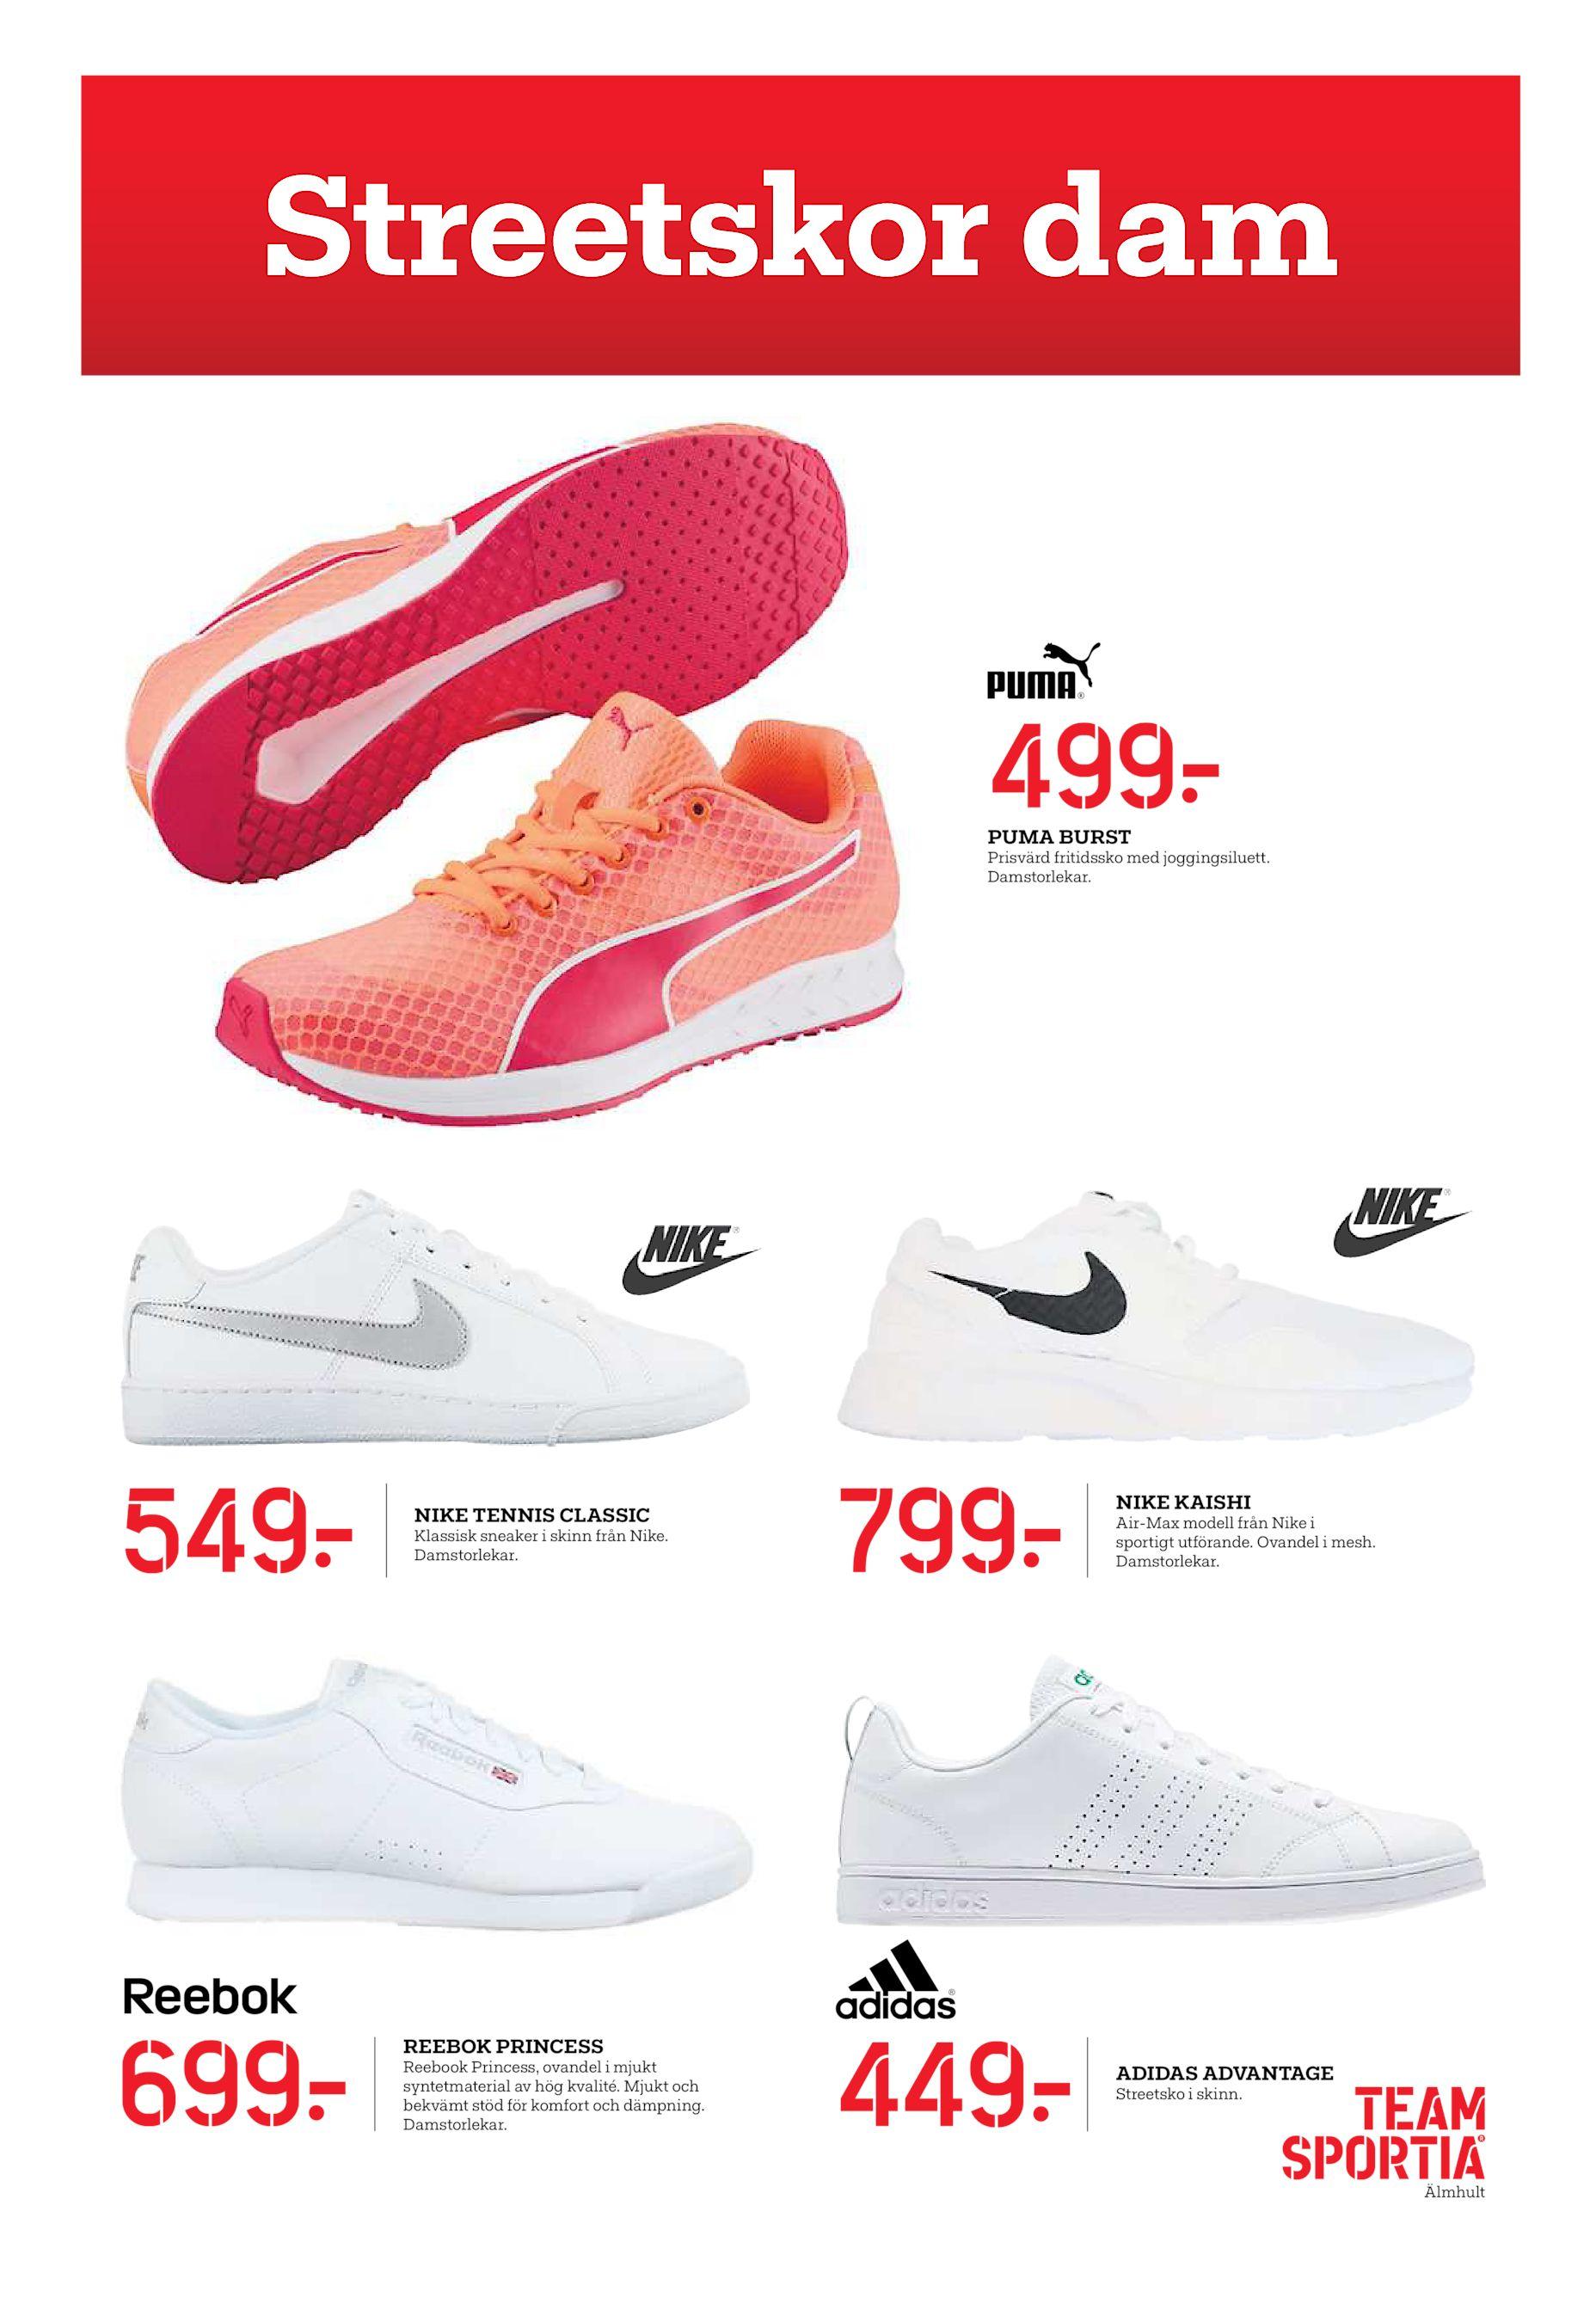 reputable site 7a12c 32158 Streetskor dam 499  PUMA BURST Prisvärd fritidssko med joggingsiluett.  Damstorlekar. 549  699  NIKE TENNIS CLASSIC Klassisk sneaker i skinn från  Nike.